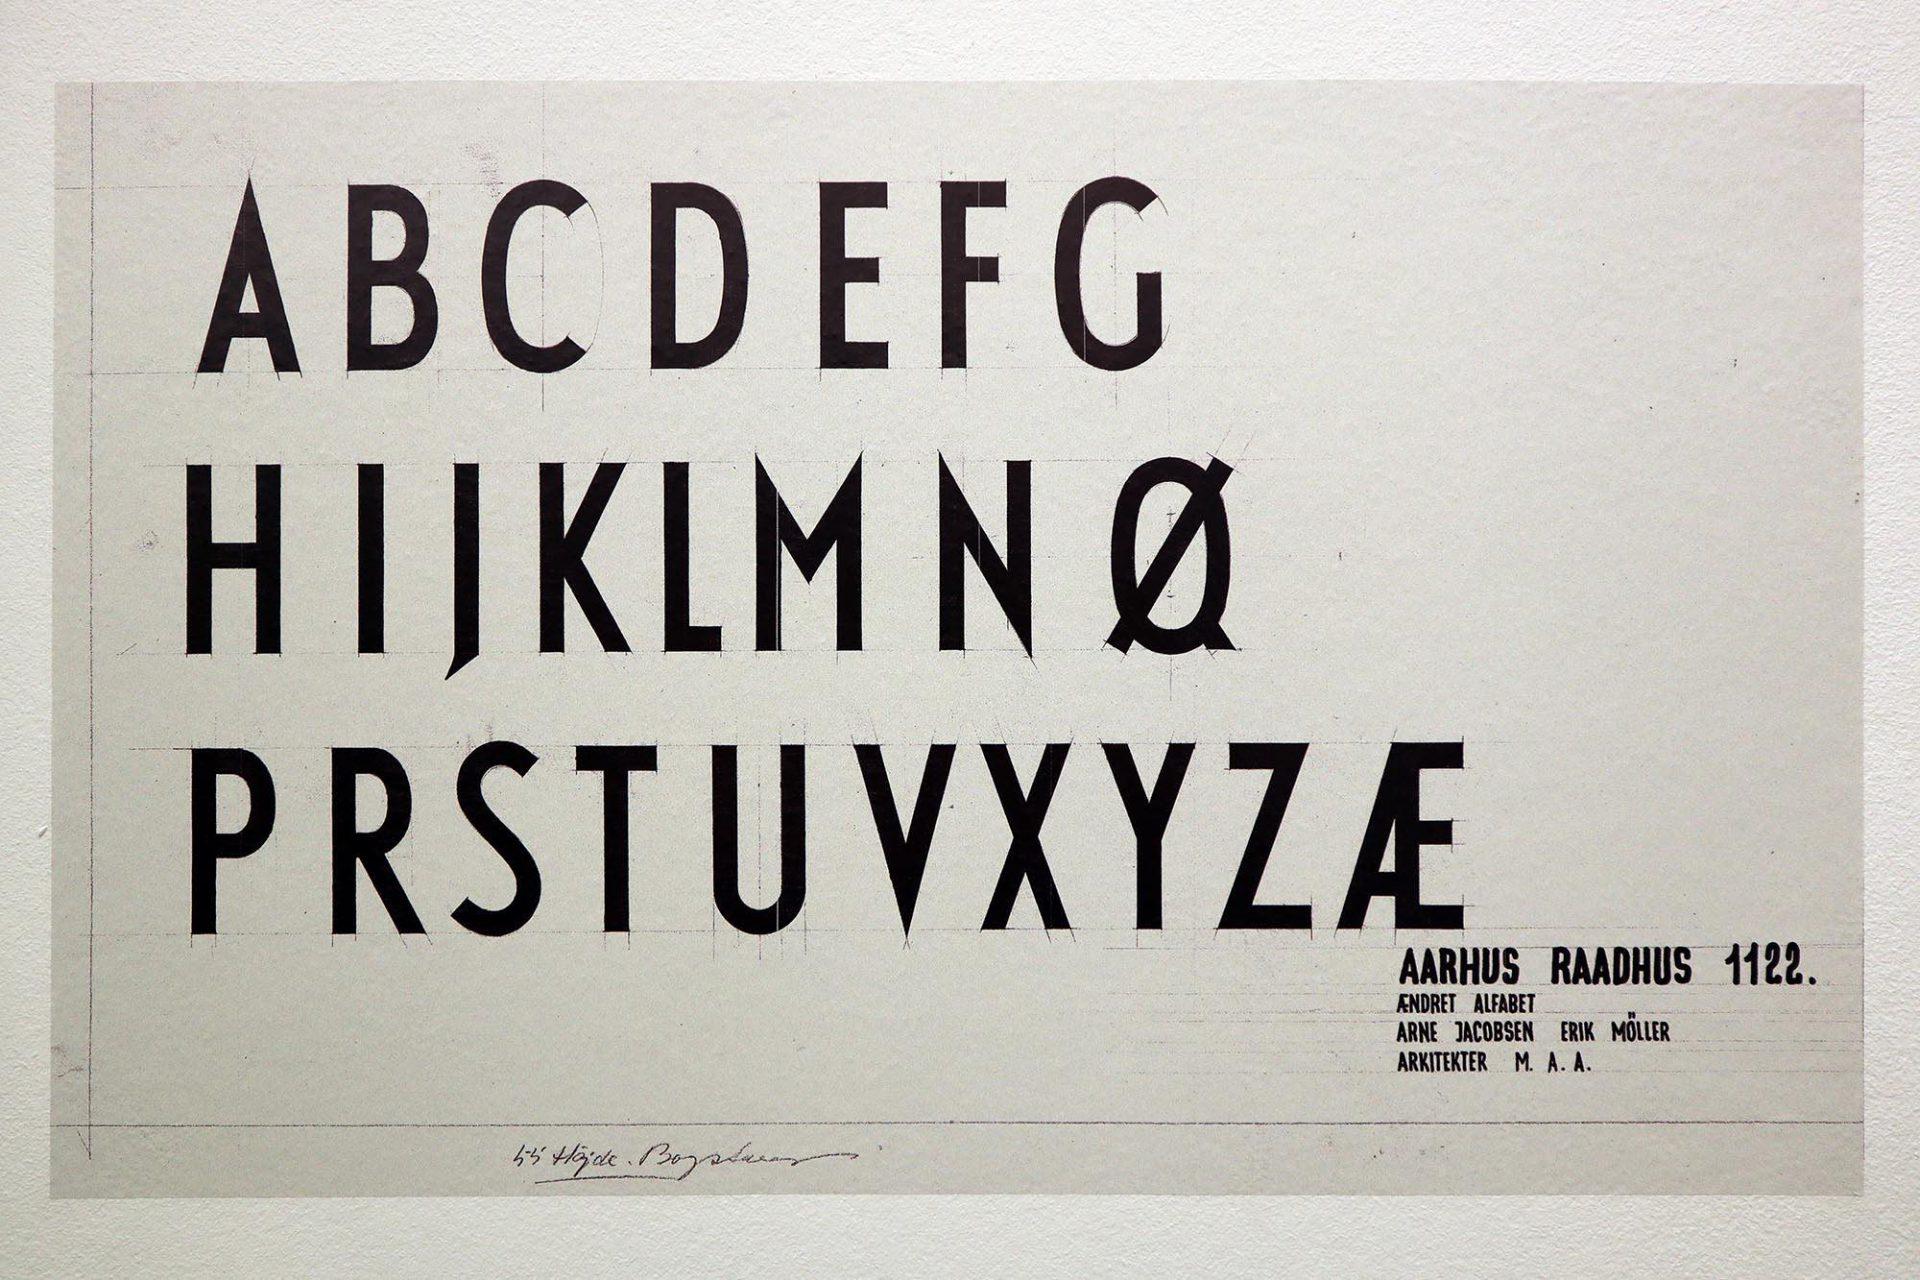 Alphabet. Arne Jacobsen bezog schon früh andere Bereiche in die Entwurfsarbeit ein– hier bei der Gestaltung des Rathaus von Aarhus, das er zusammen mit Erik Møller realisierte.